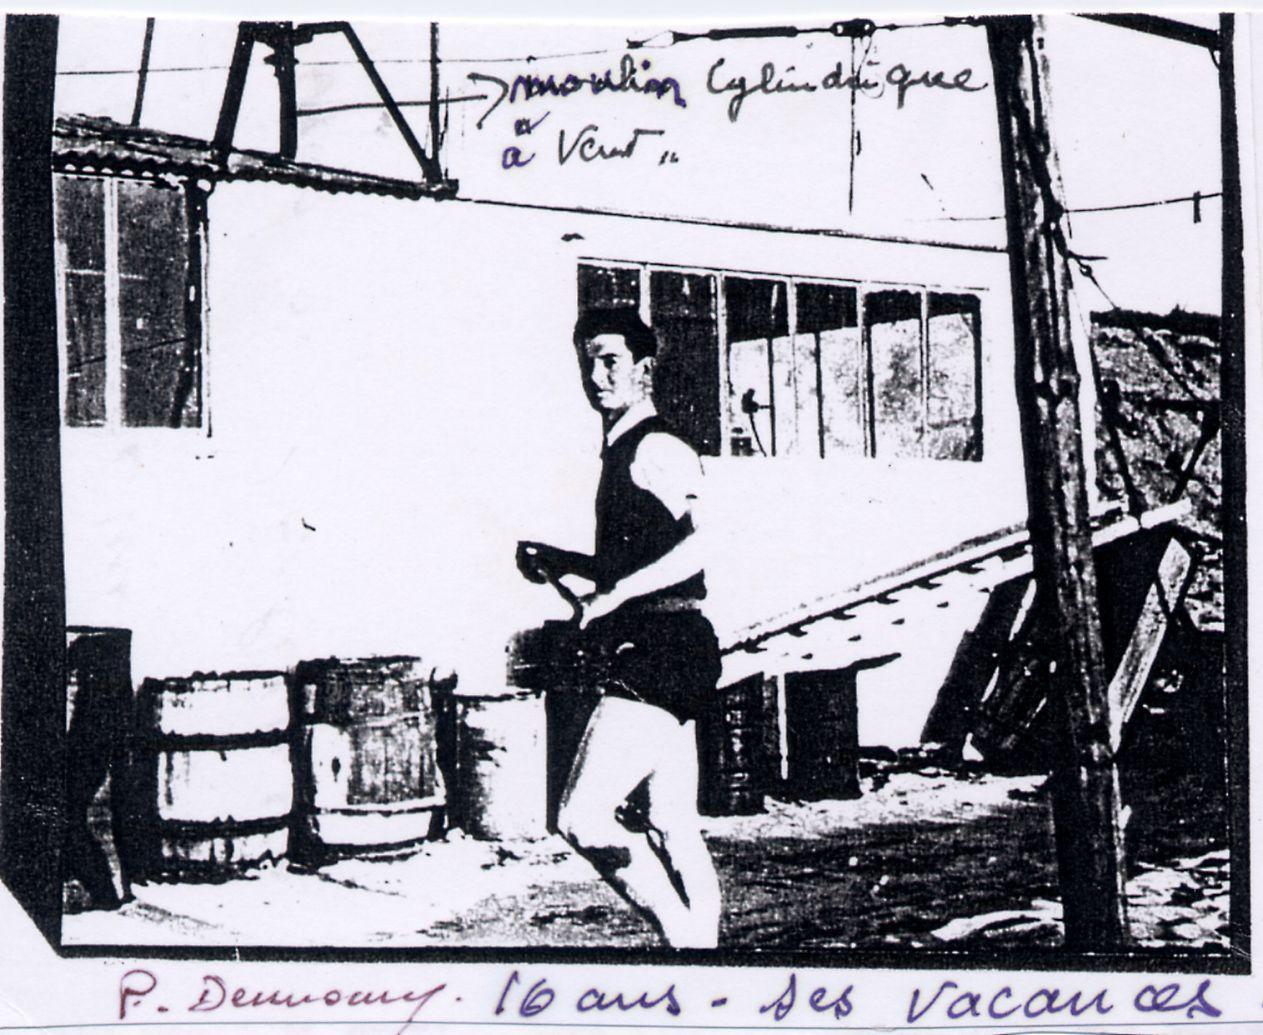 Pierre travaille à l'atelier pendant ses vacances